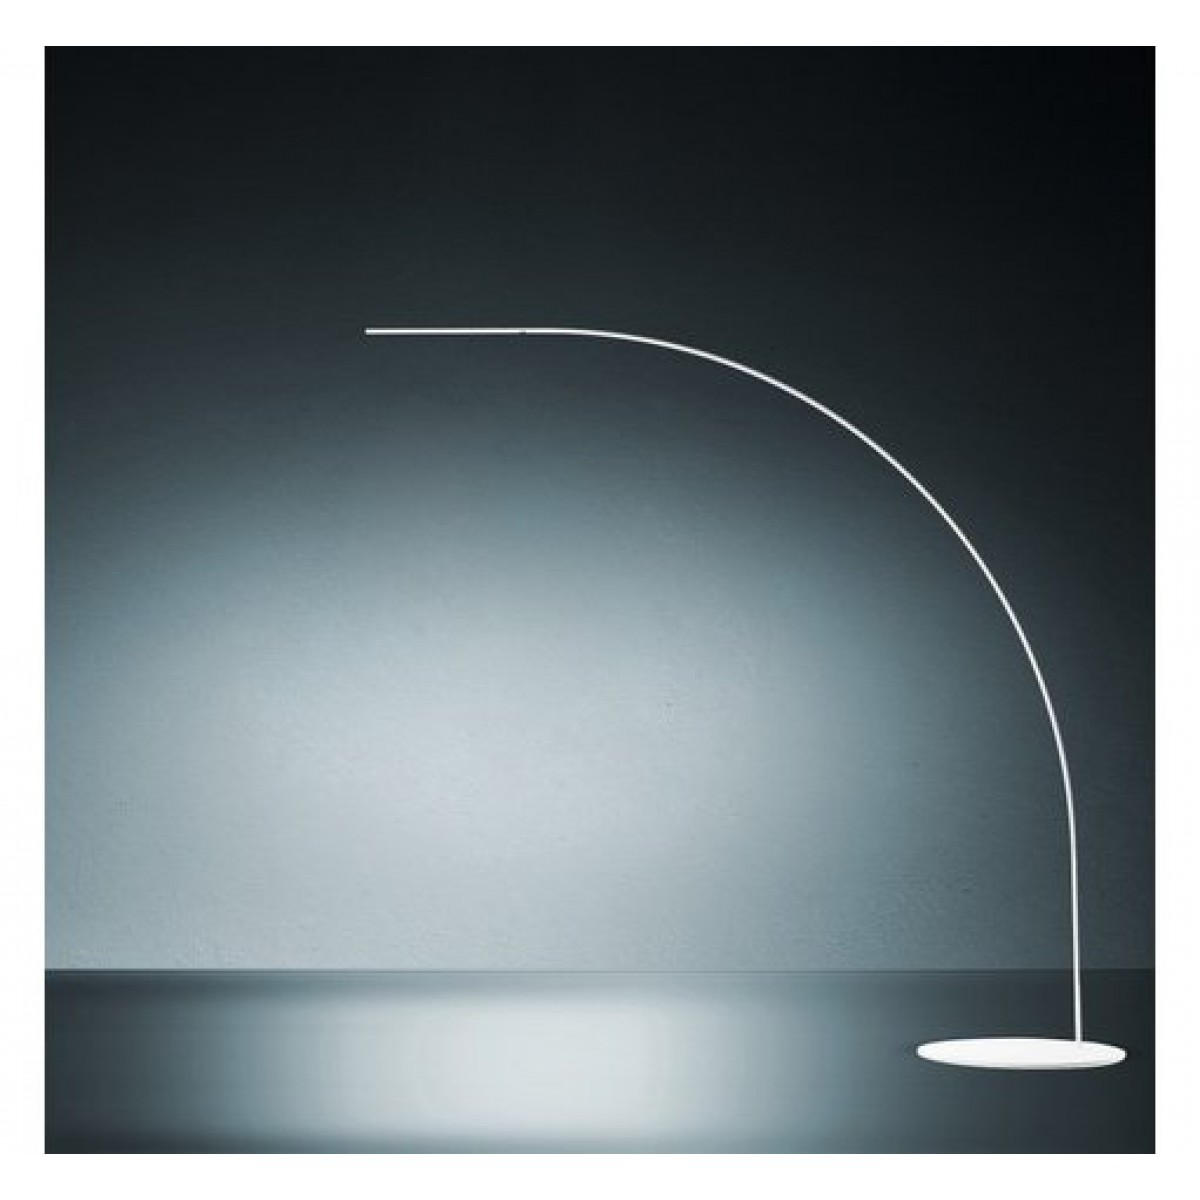 Lampada da Terra Yumi Bianco FontanaArte Outlet | Desout.com